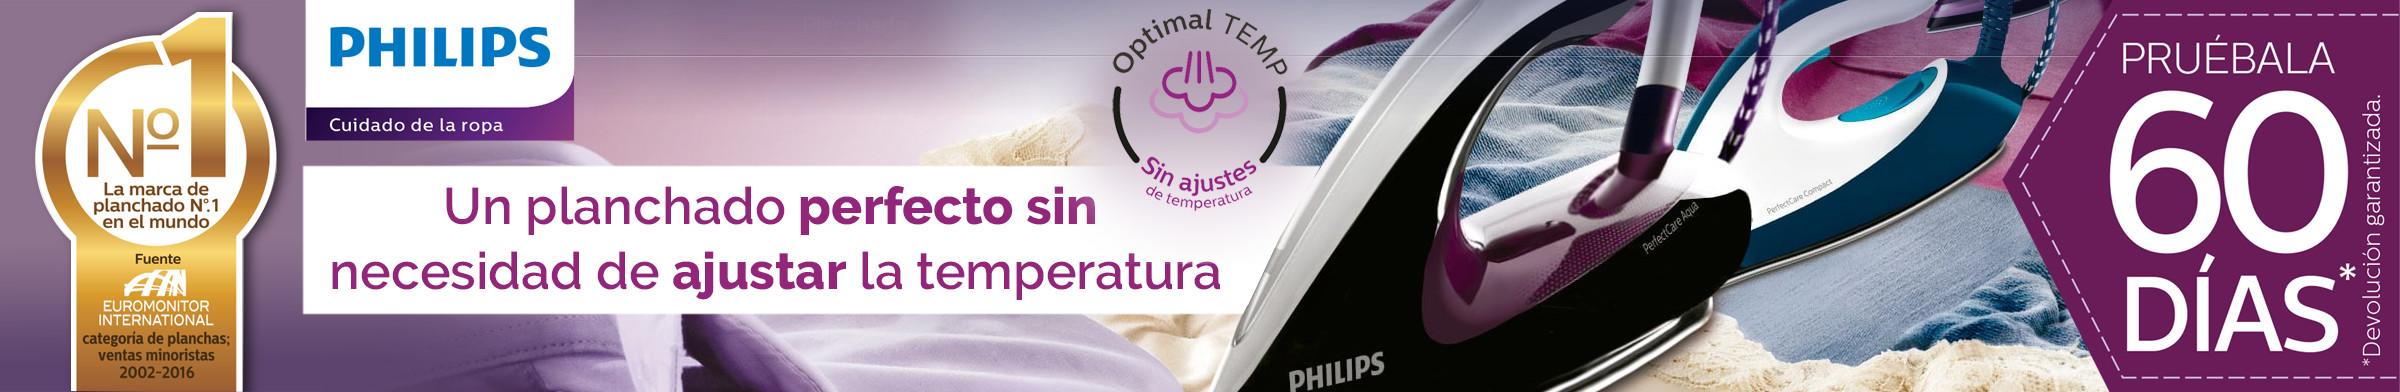 ¡Disfruta de 60 días de prueba gratis en la gama OptimalTEMP!